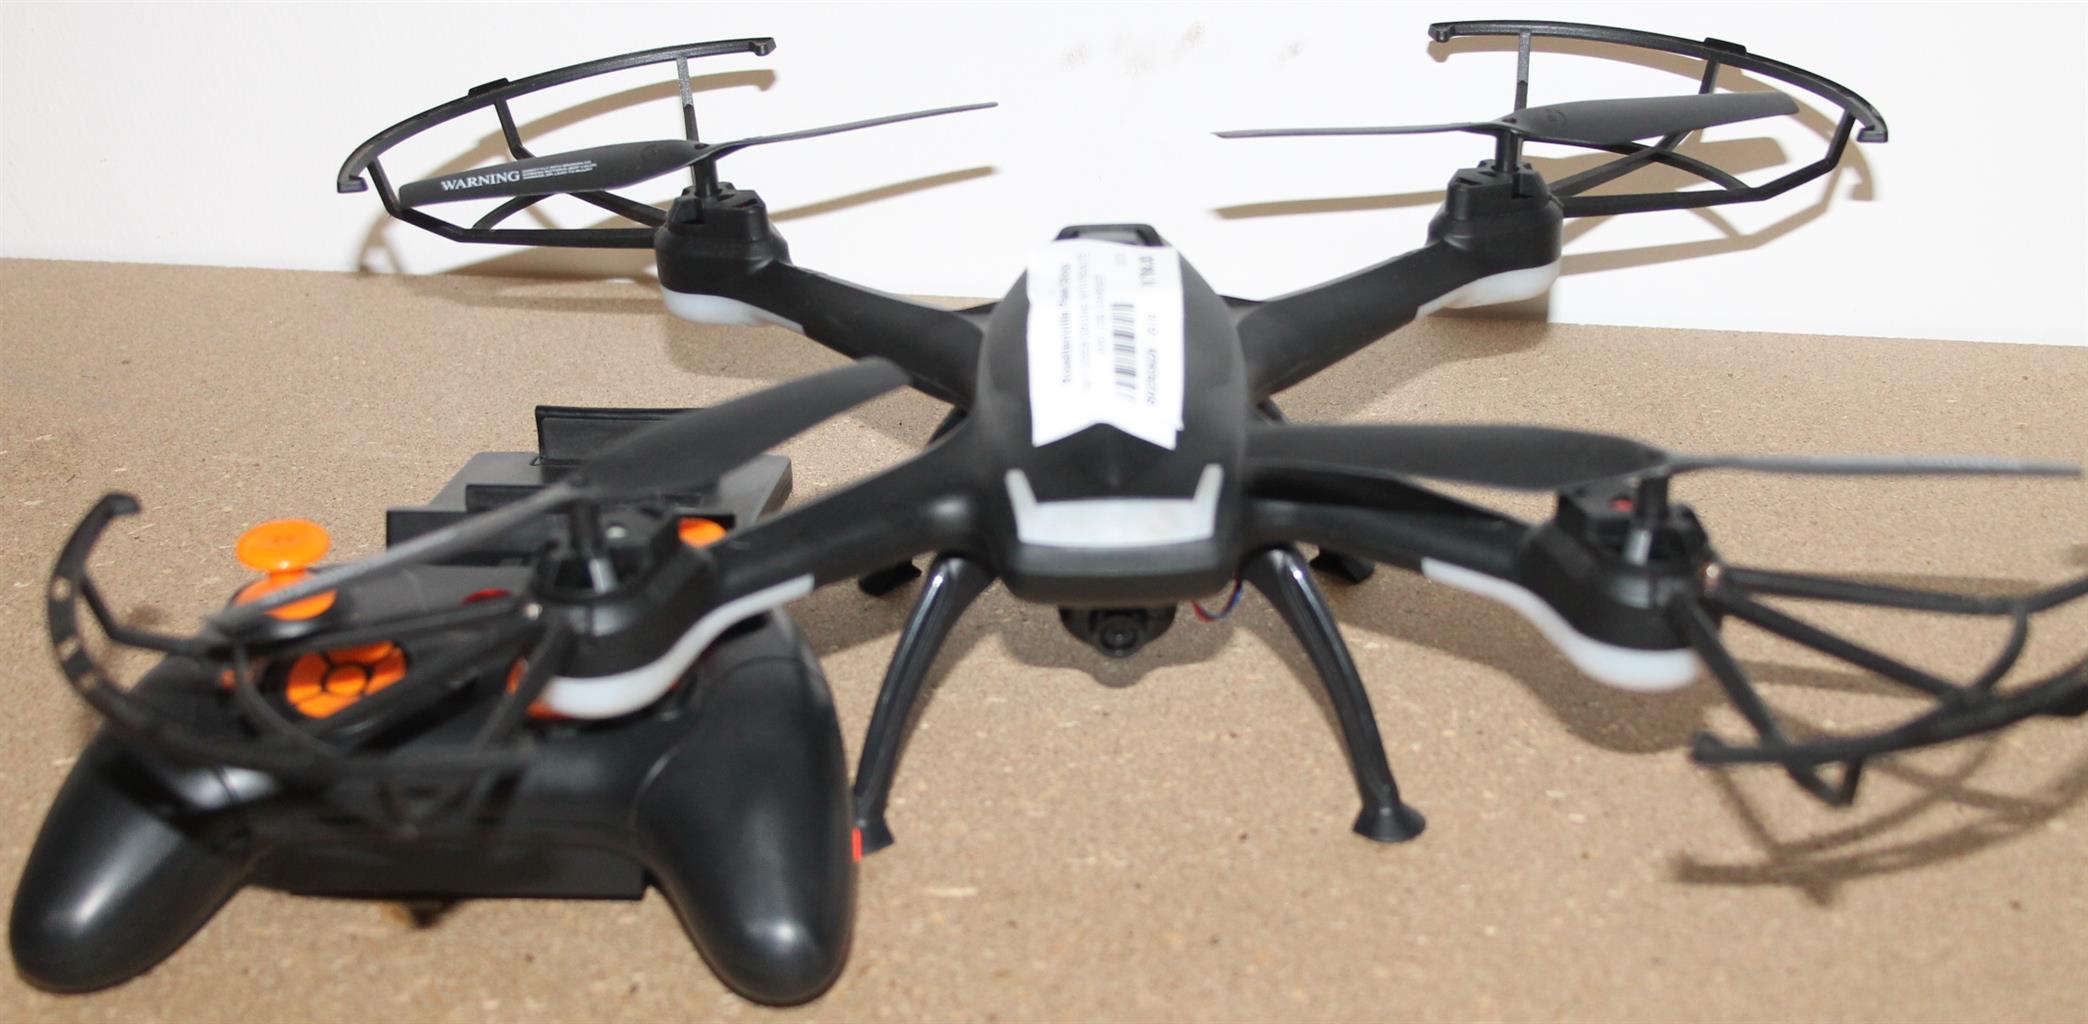 Sky viper drone S029342a #Rosettenvillepawnshop